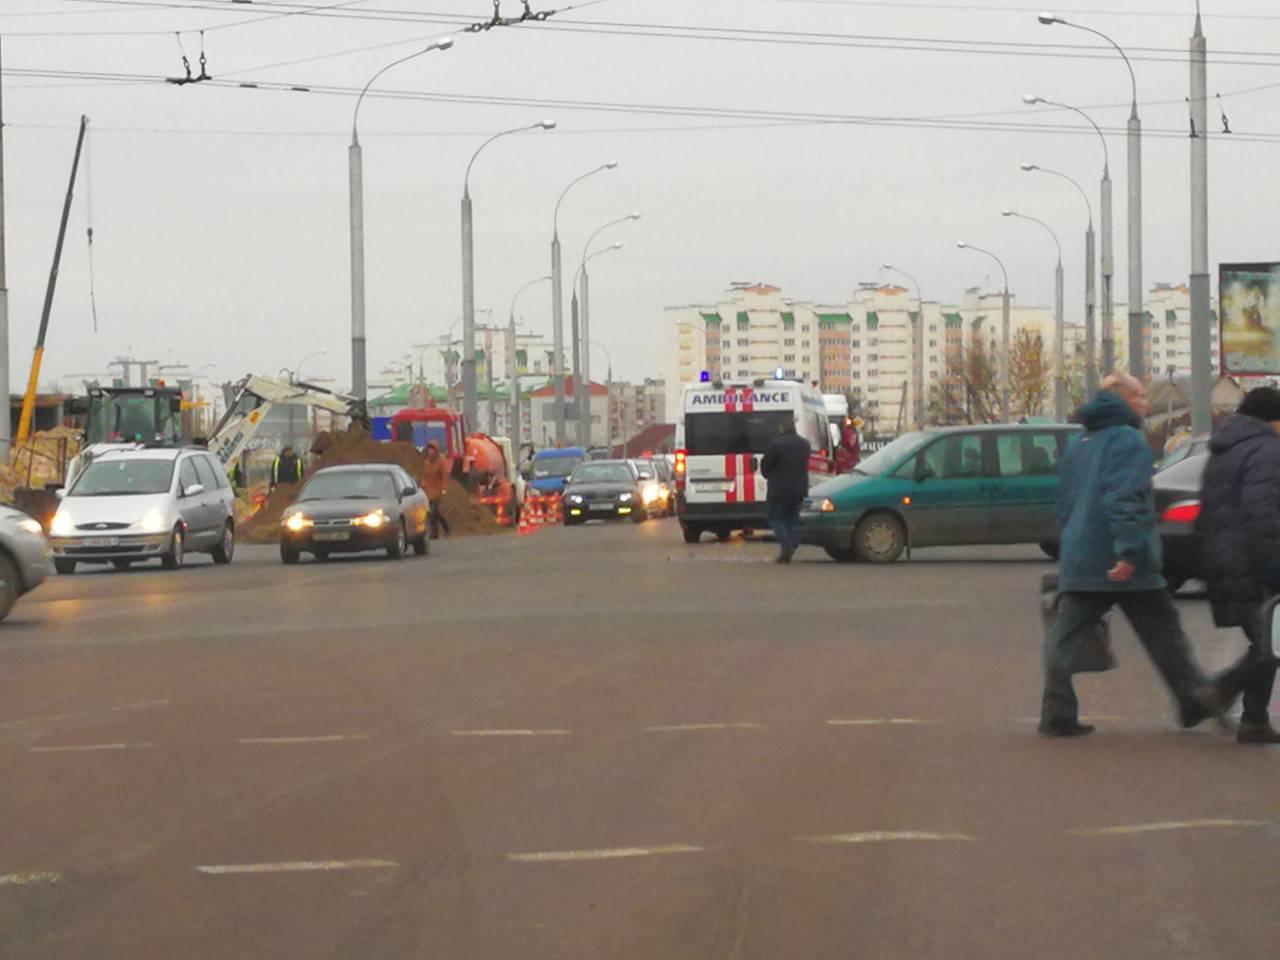 На ул. Суворова в Бресте произошло ДТП с участием автомобиля скорой медицинской помощи